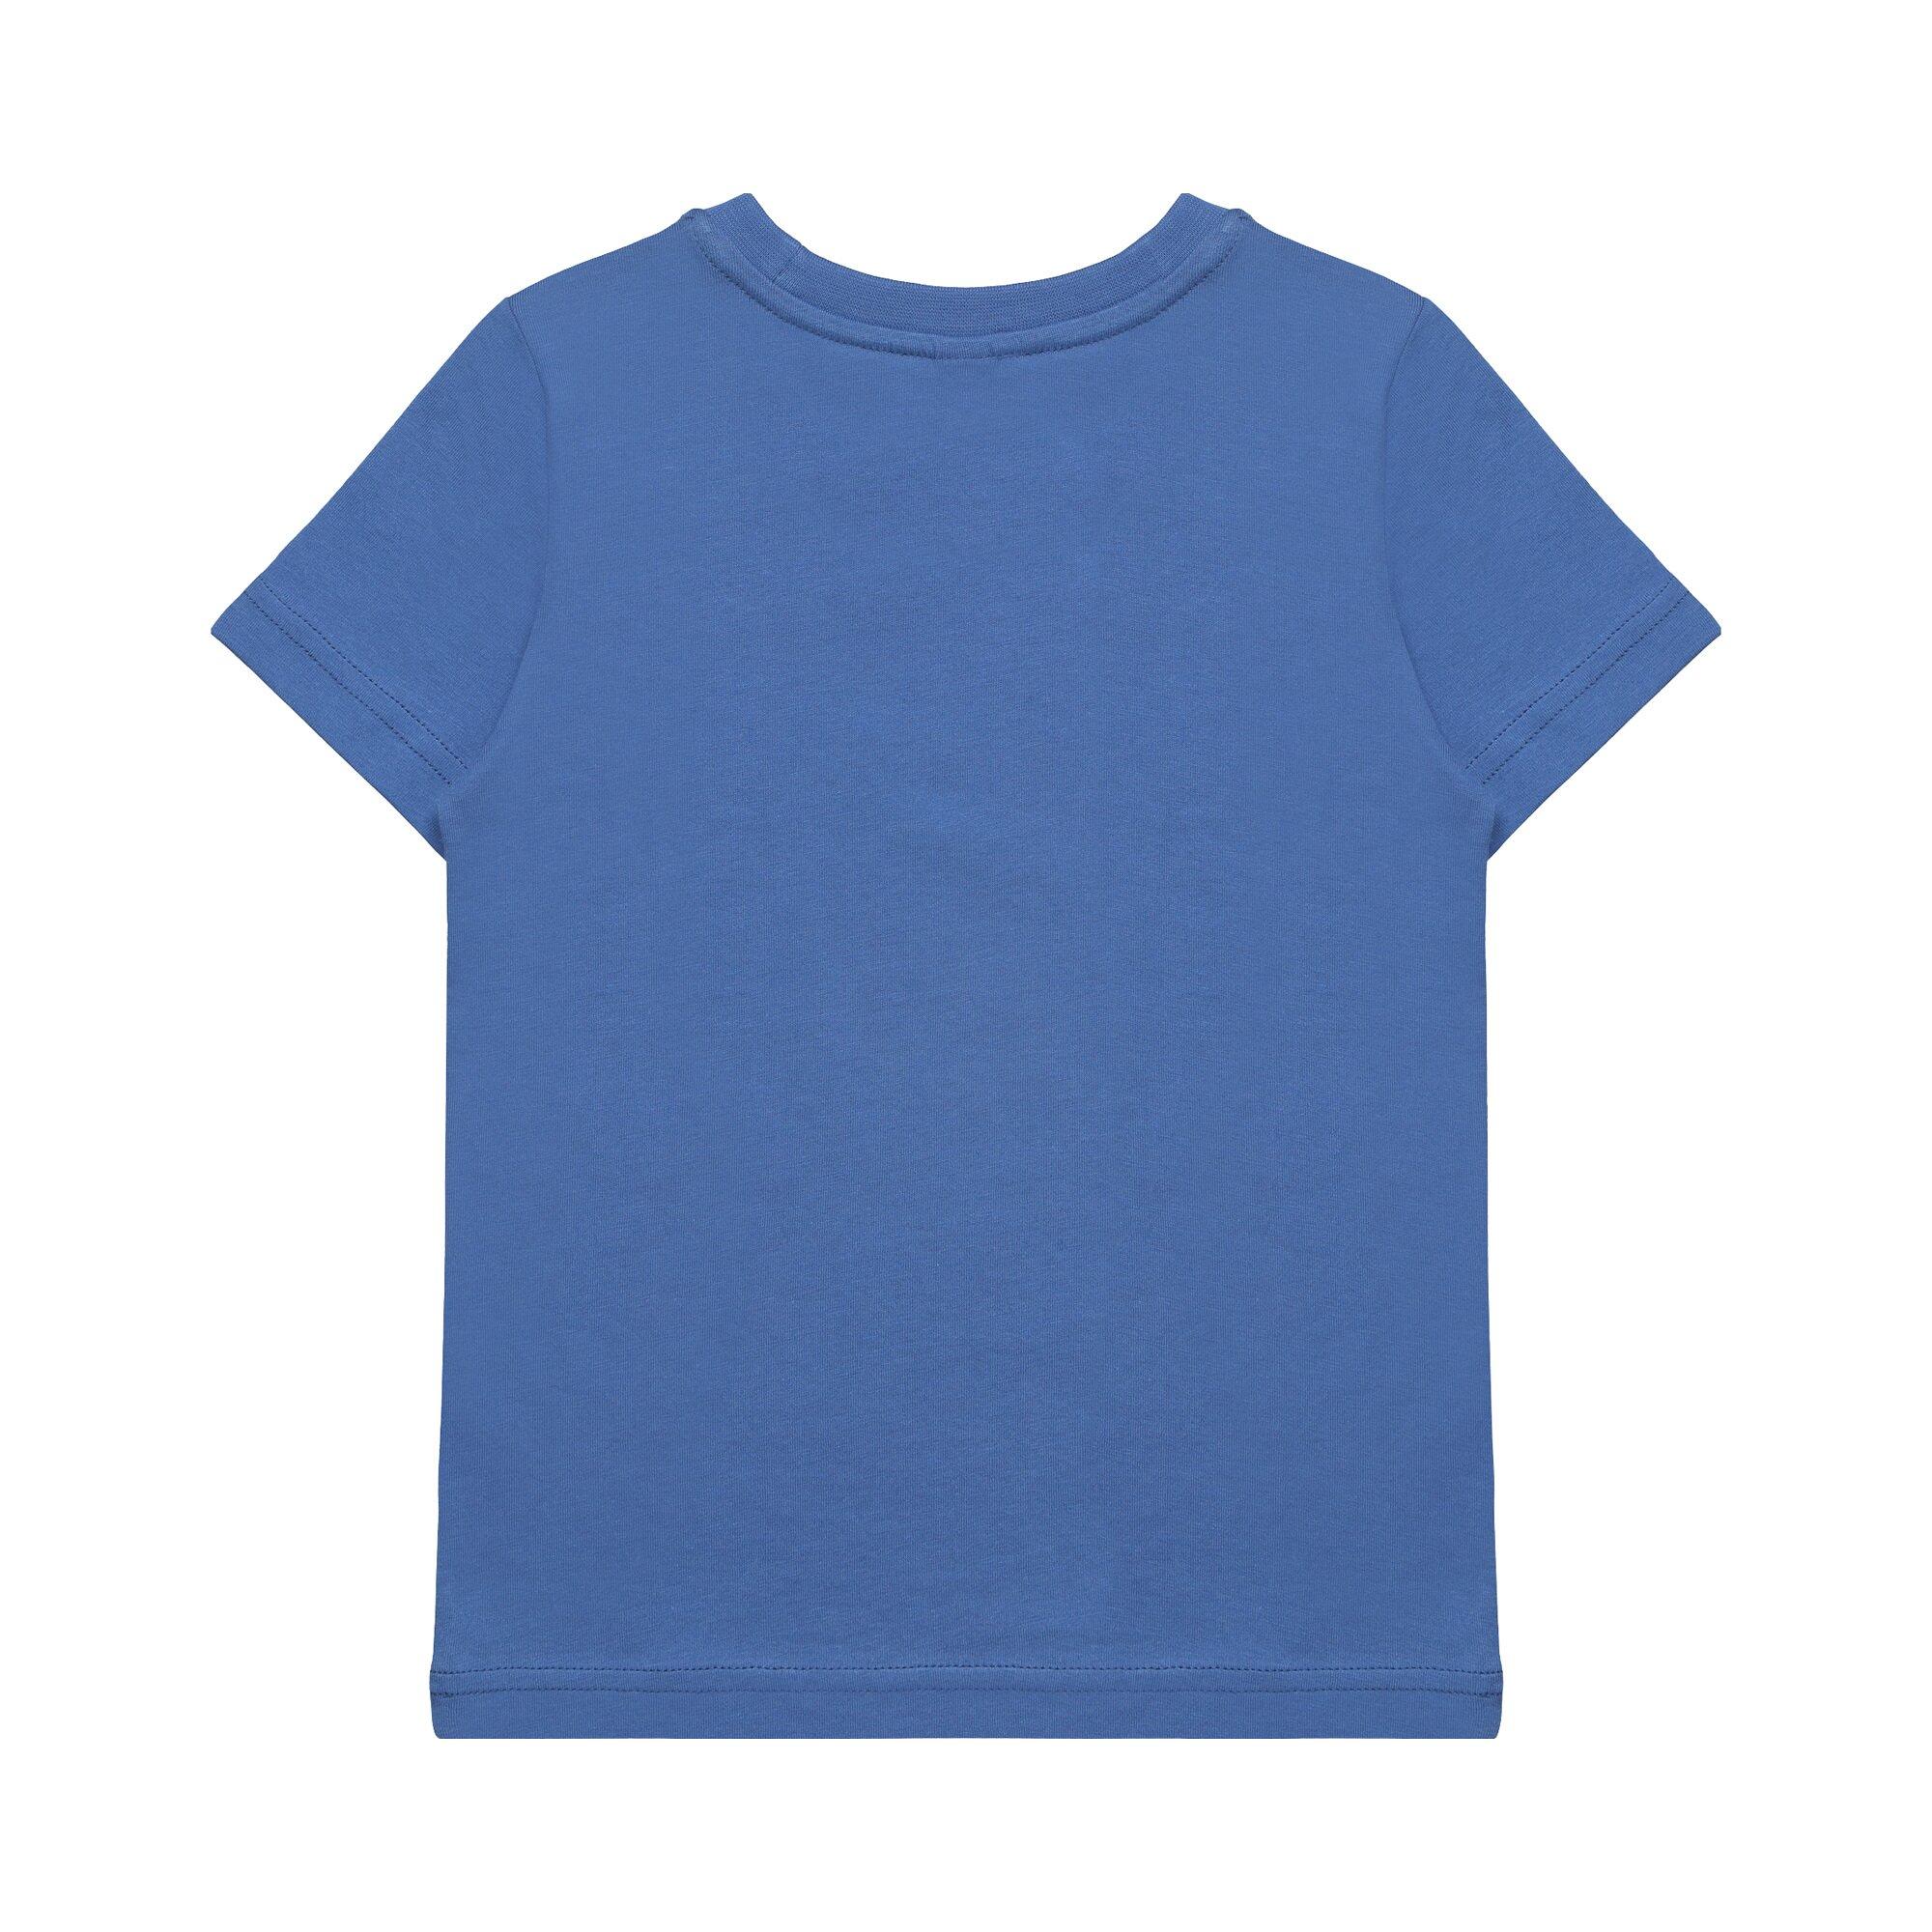 esprit-t-shirt-oktopus, 4.99 EUR @ babywalz-de